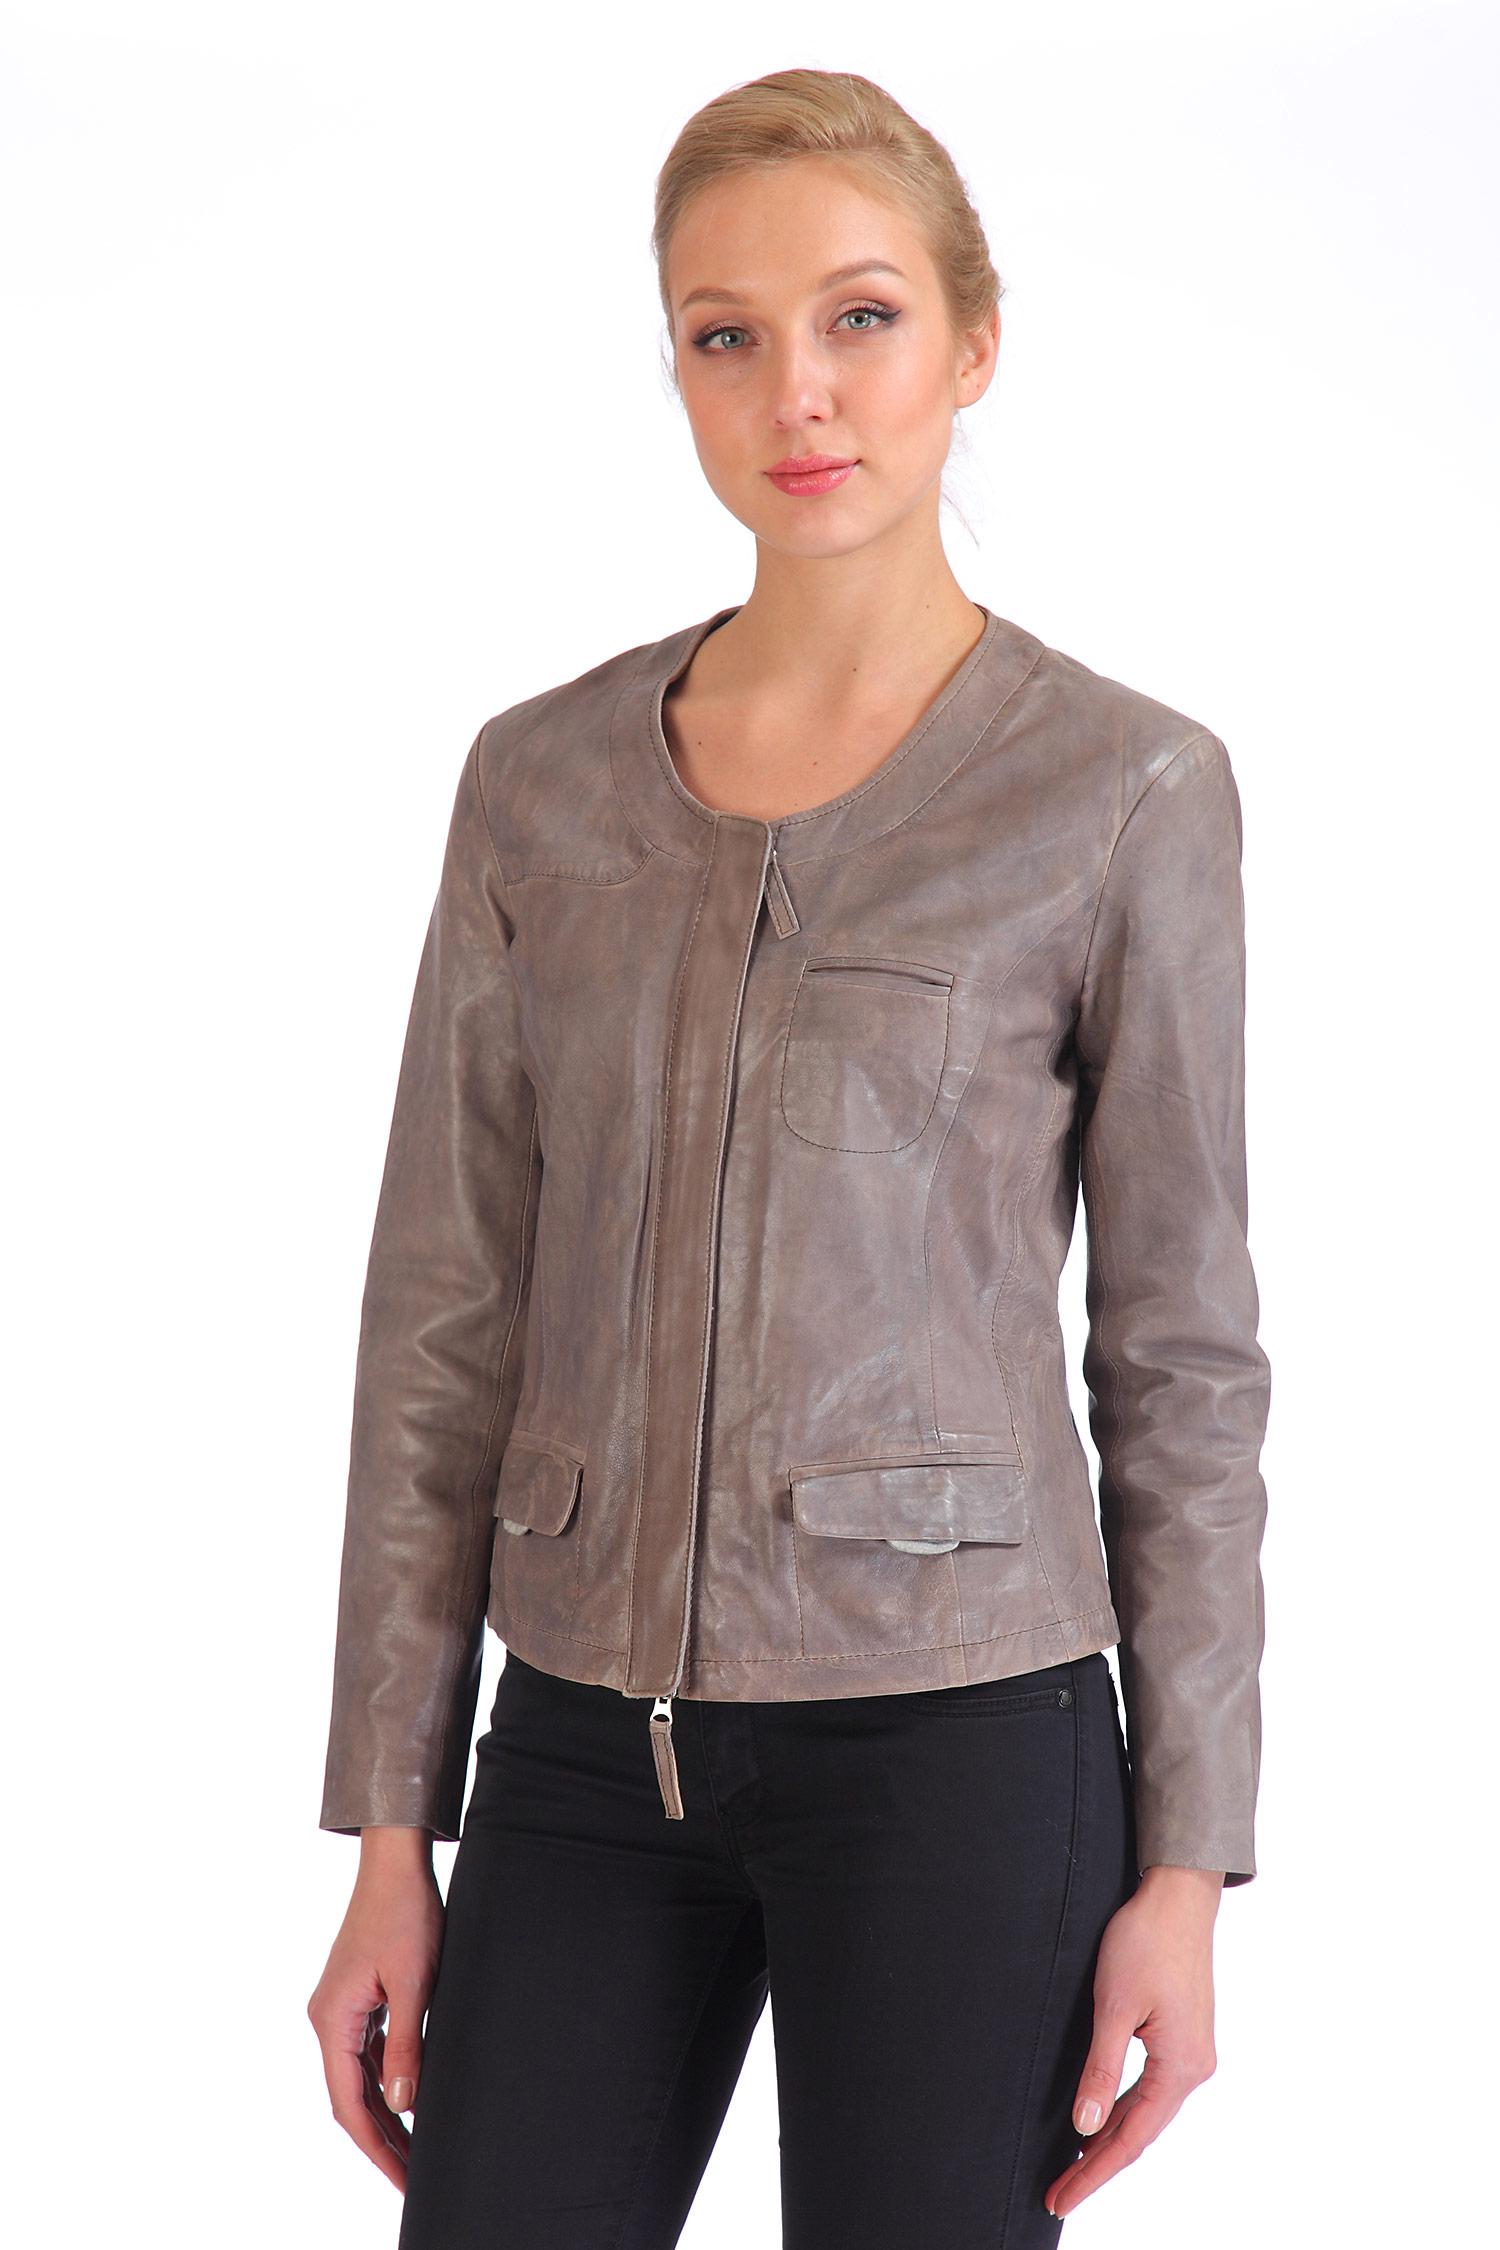 Женская кожаная куртка из натуральной кожи, без отделки. Производитель: Московская Меховая Компания, артикул: 6448